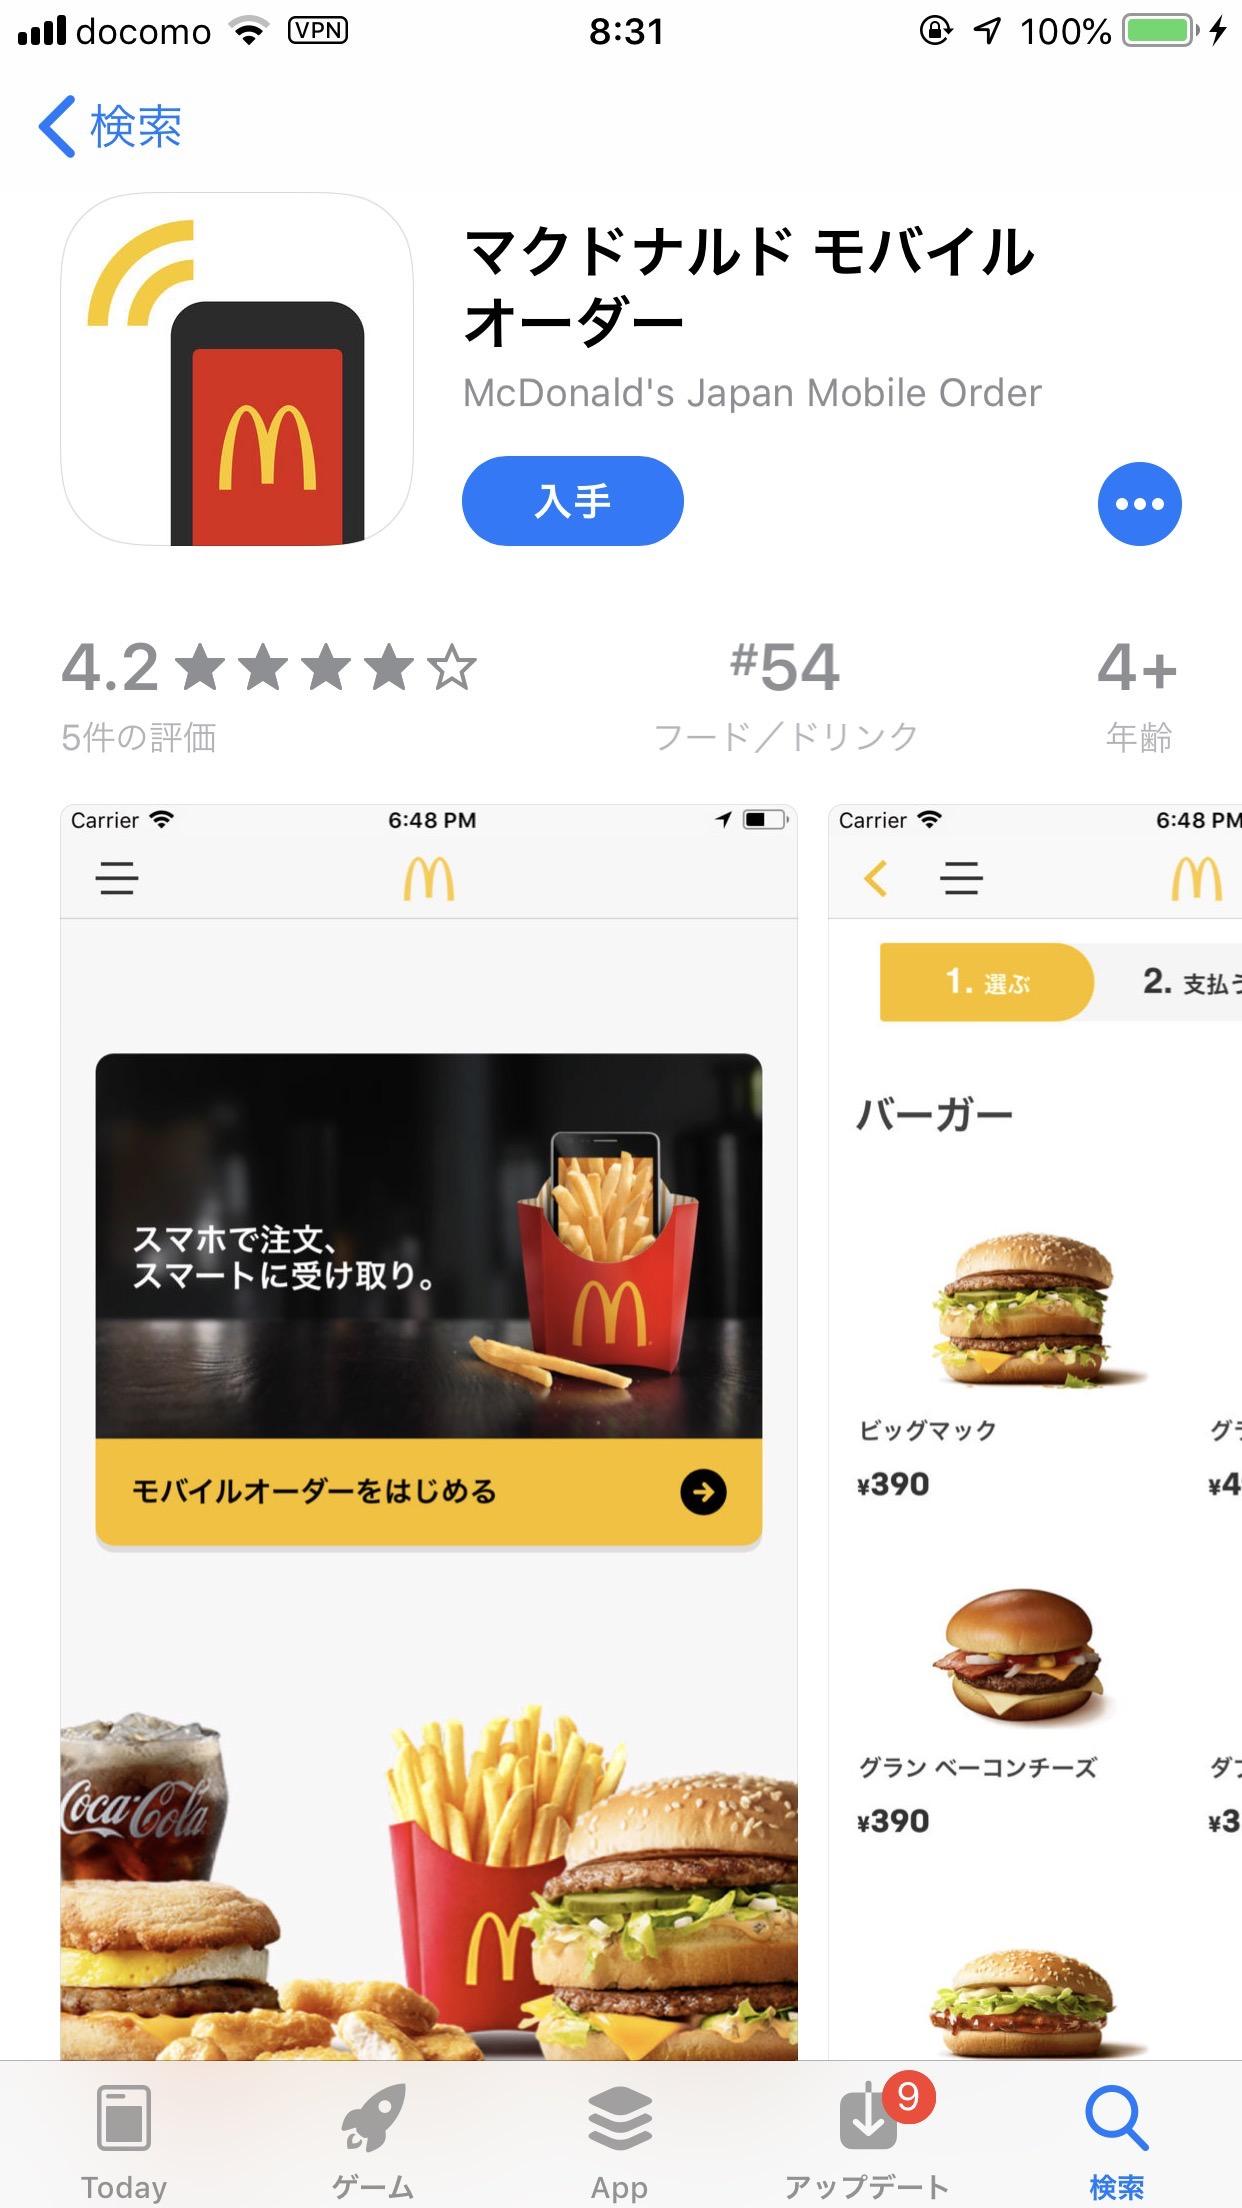 【マクドナルド】注文&決済アプリ「モバイルオーダー」リリース!沖縄から先行導入